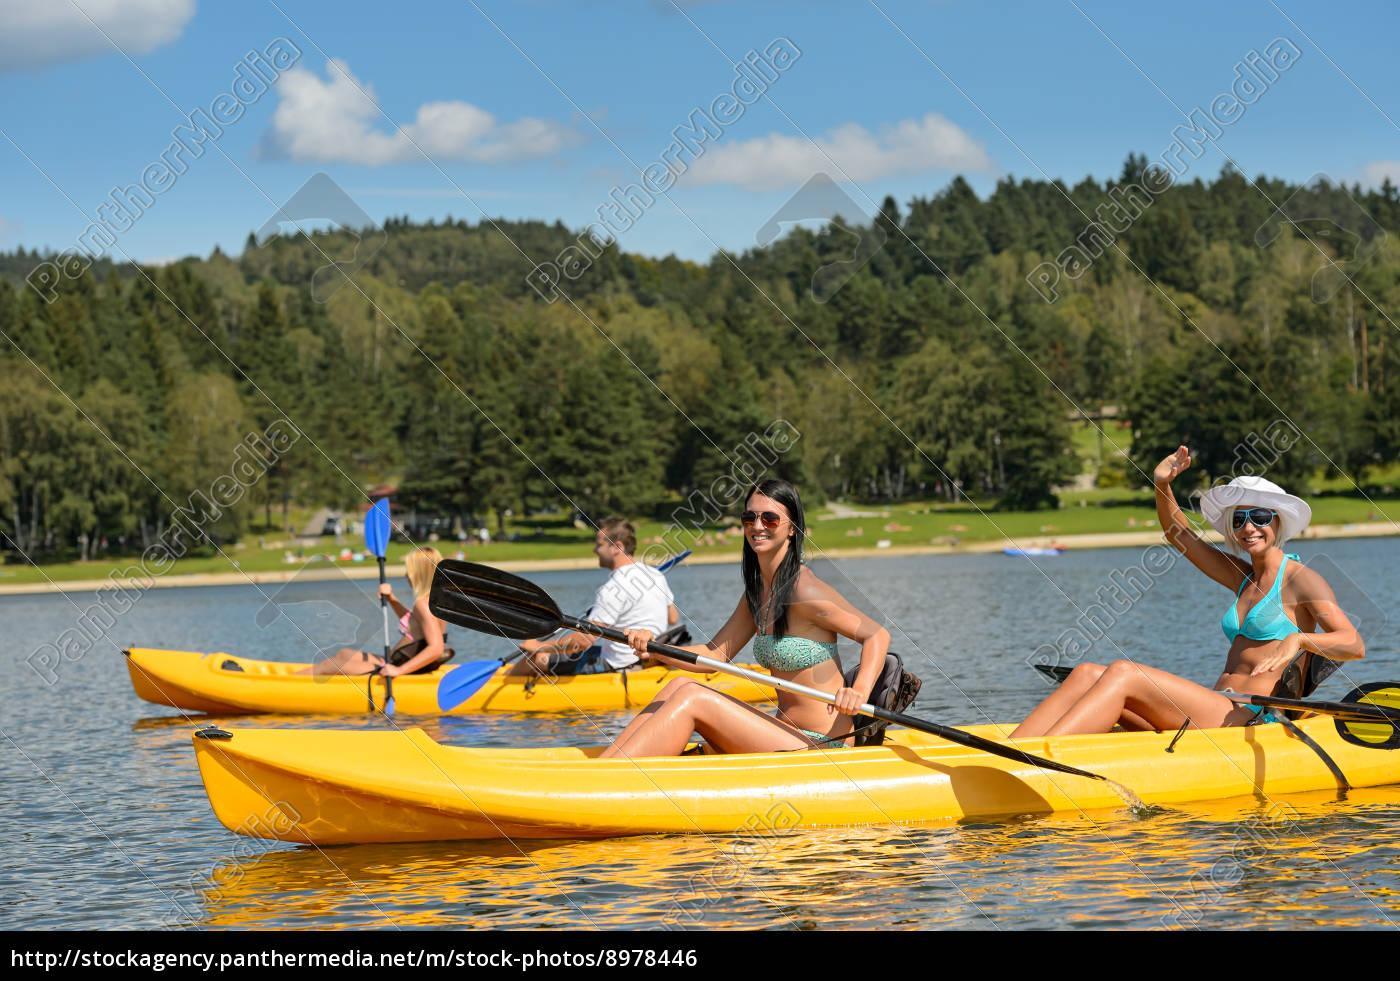 jóvenes, tomando, el, sol, en, kayak - 8978446